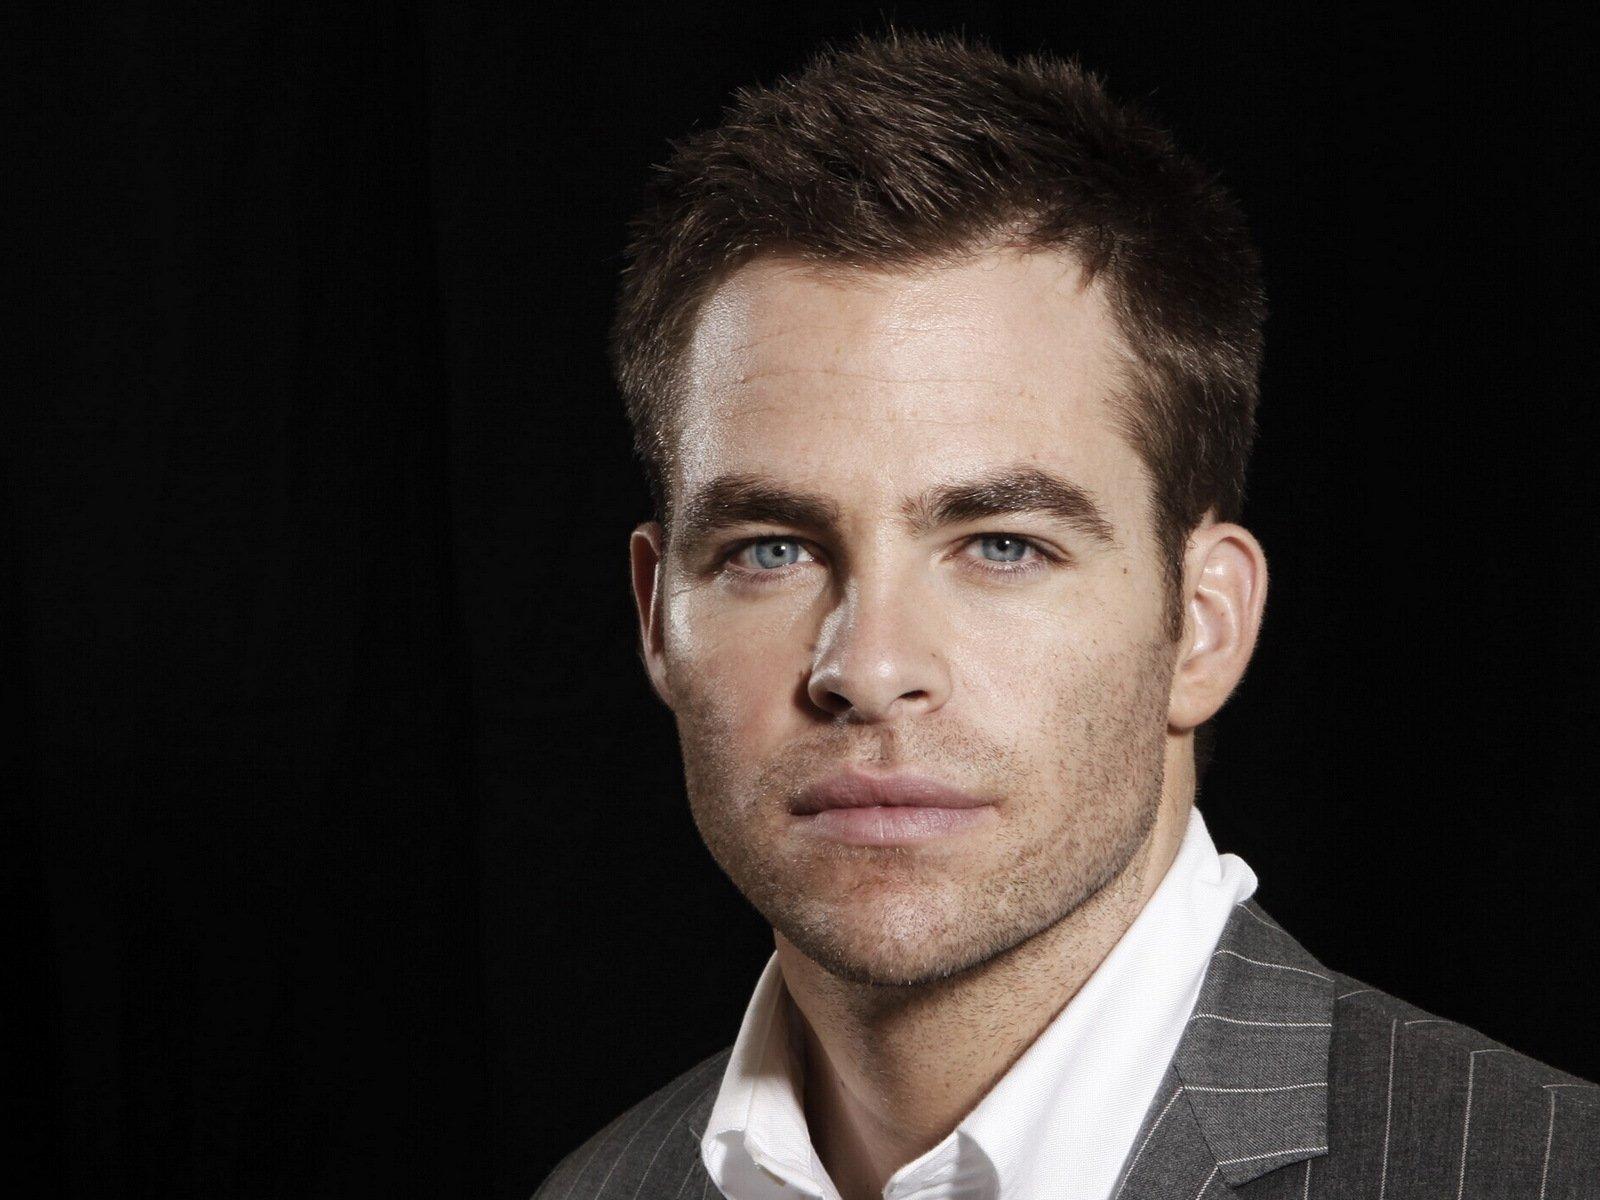 красивые американские актеры мужчины фото возводилось